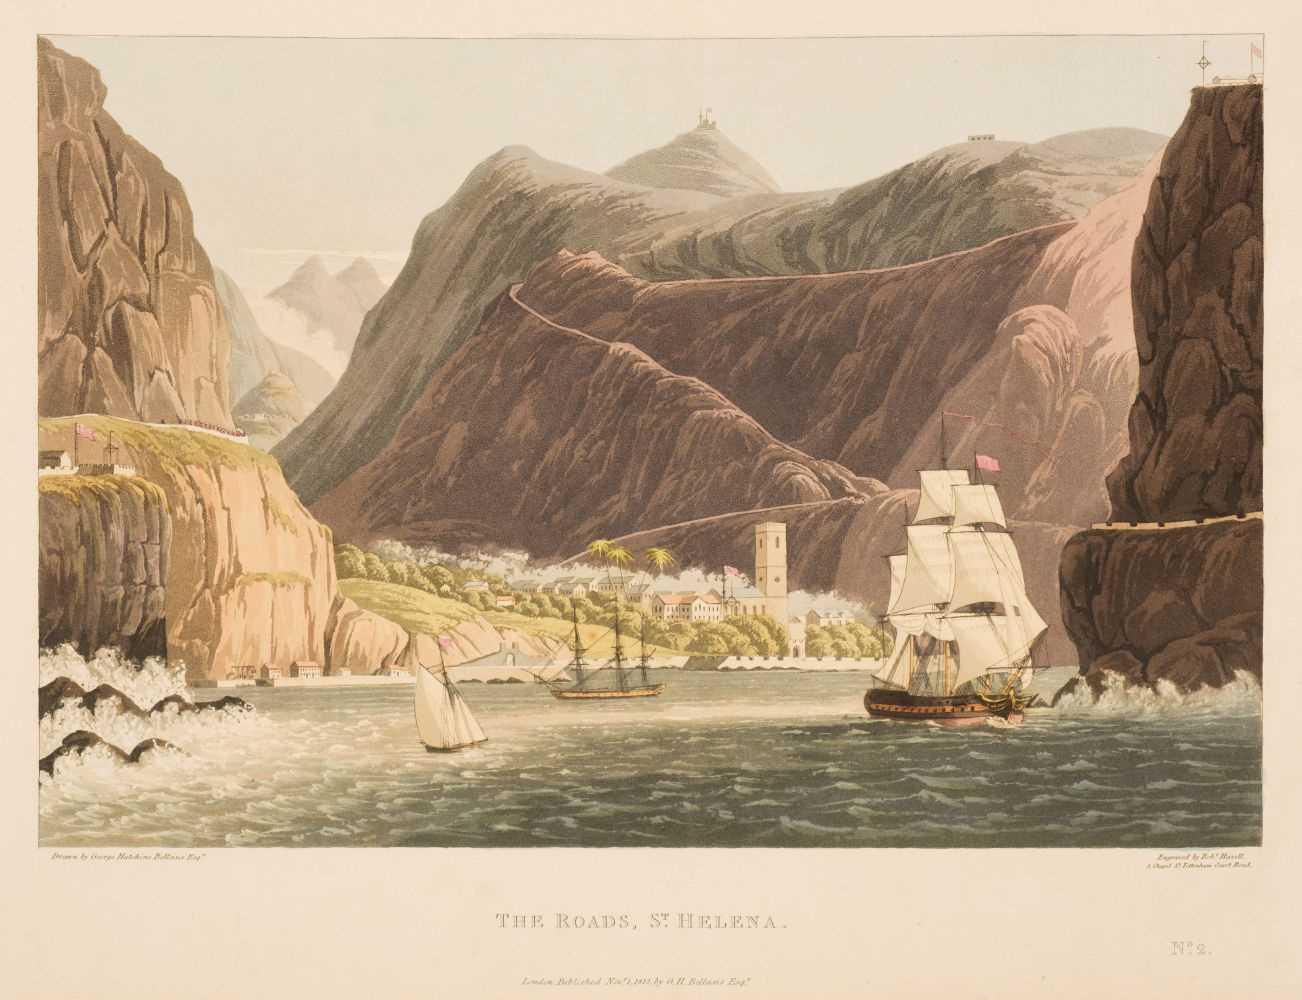 Lot 2 - Bellasis (George Hutchins). Views in Saint Helena, 1815